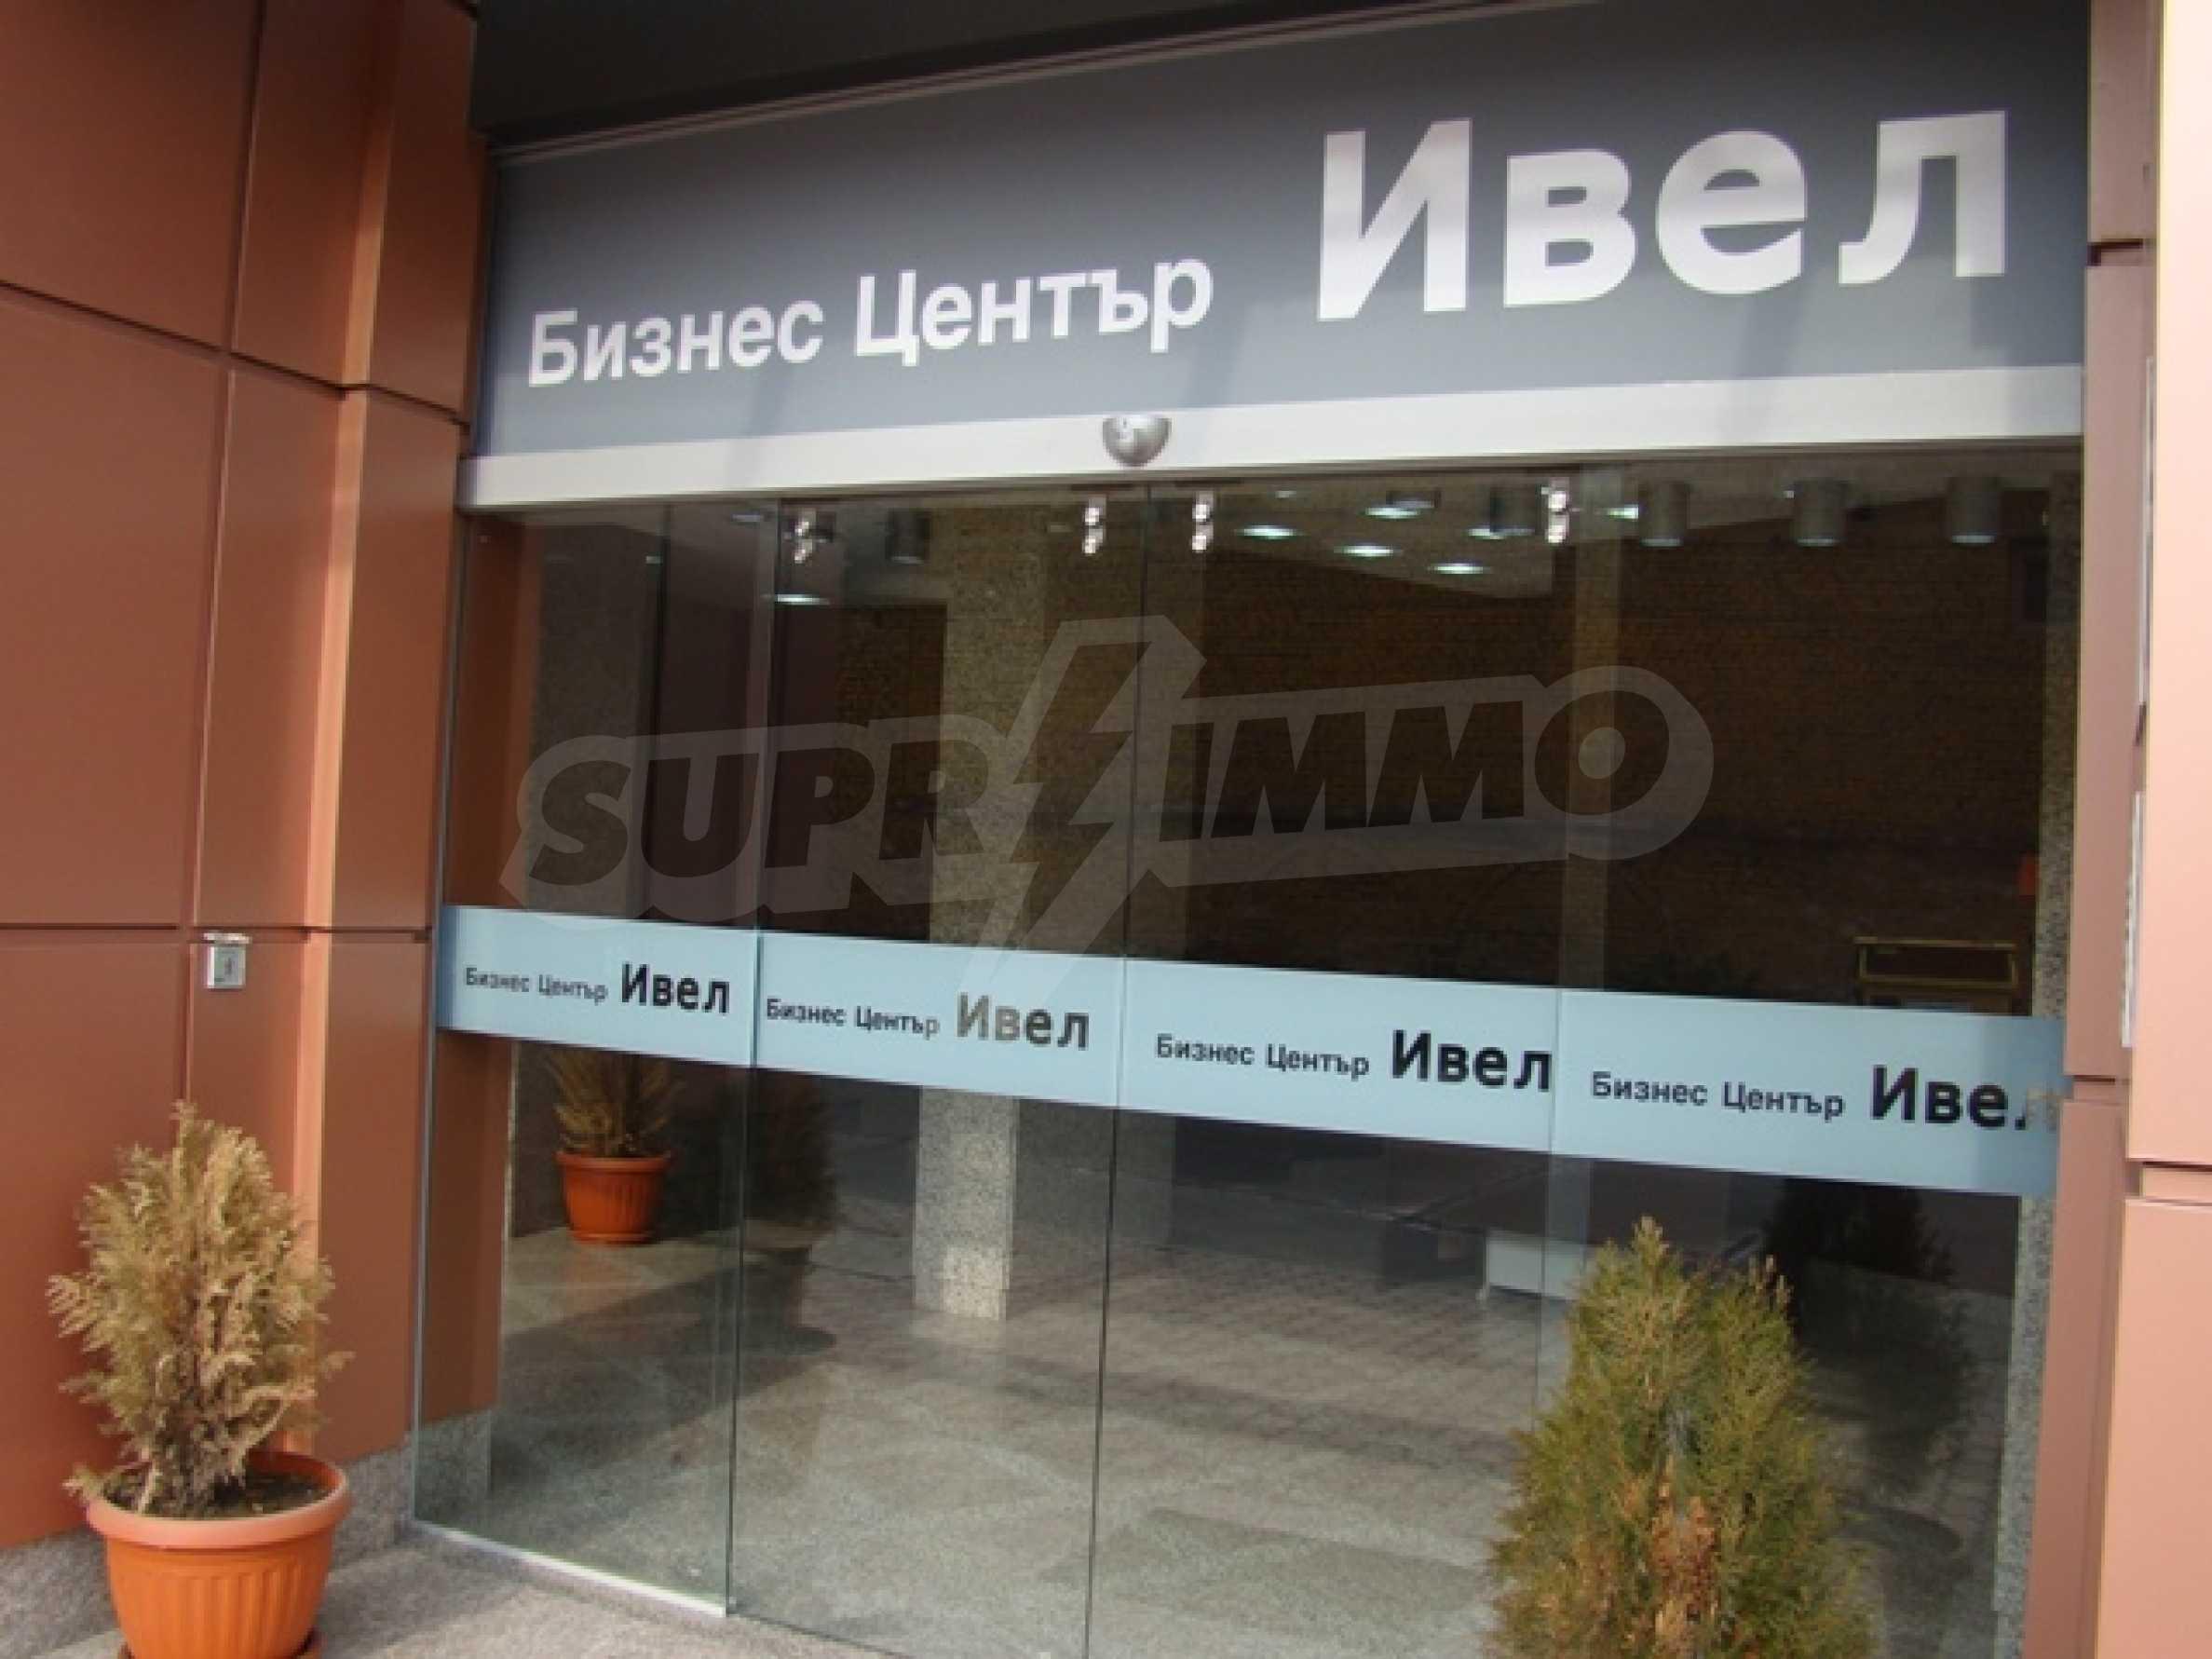 Бизнес център Ивел 4